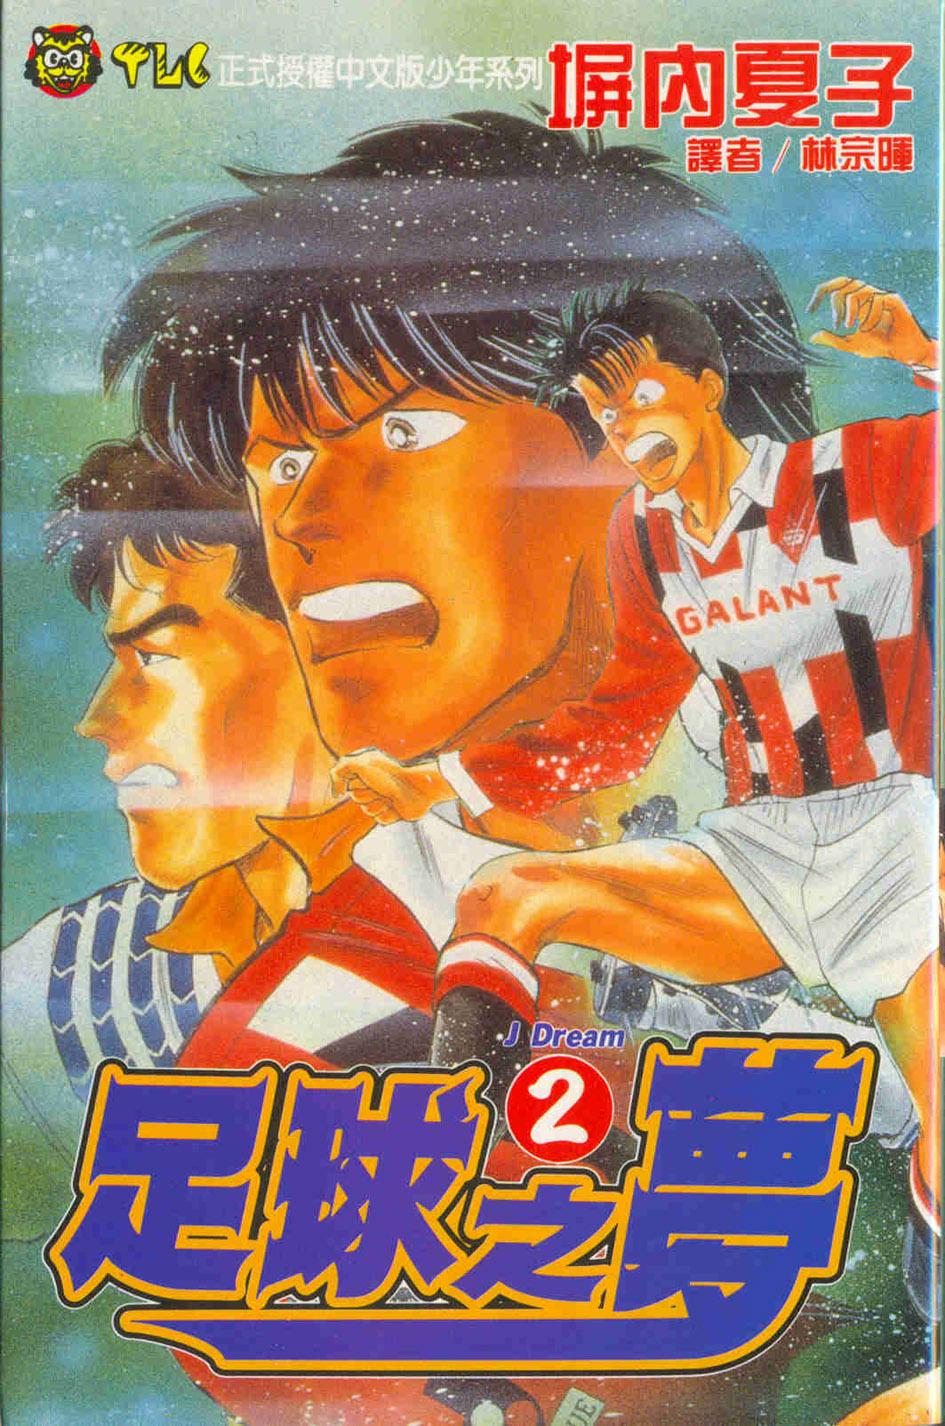 足球之夢 2